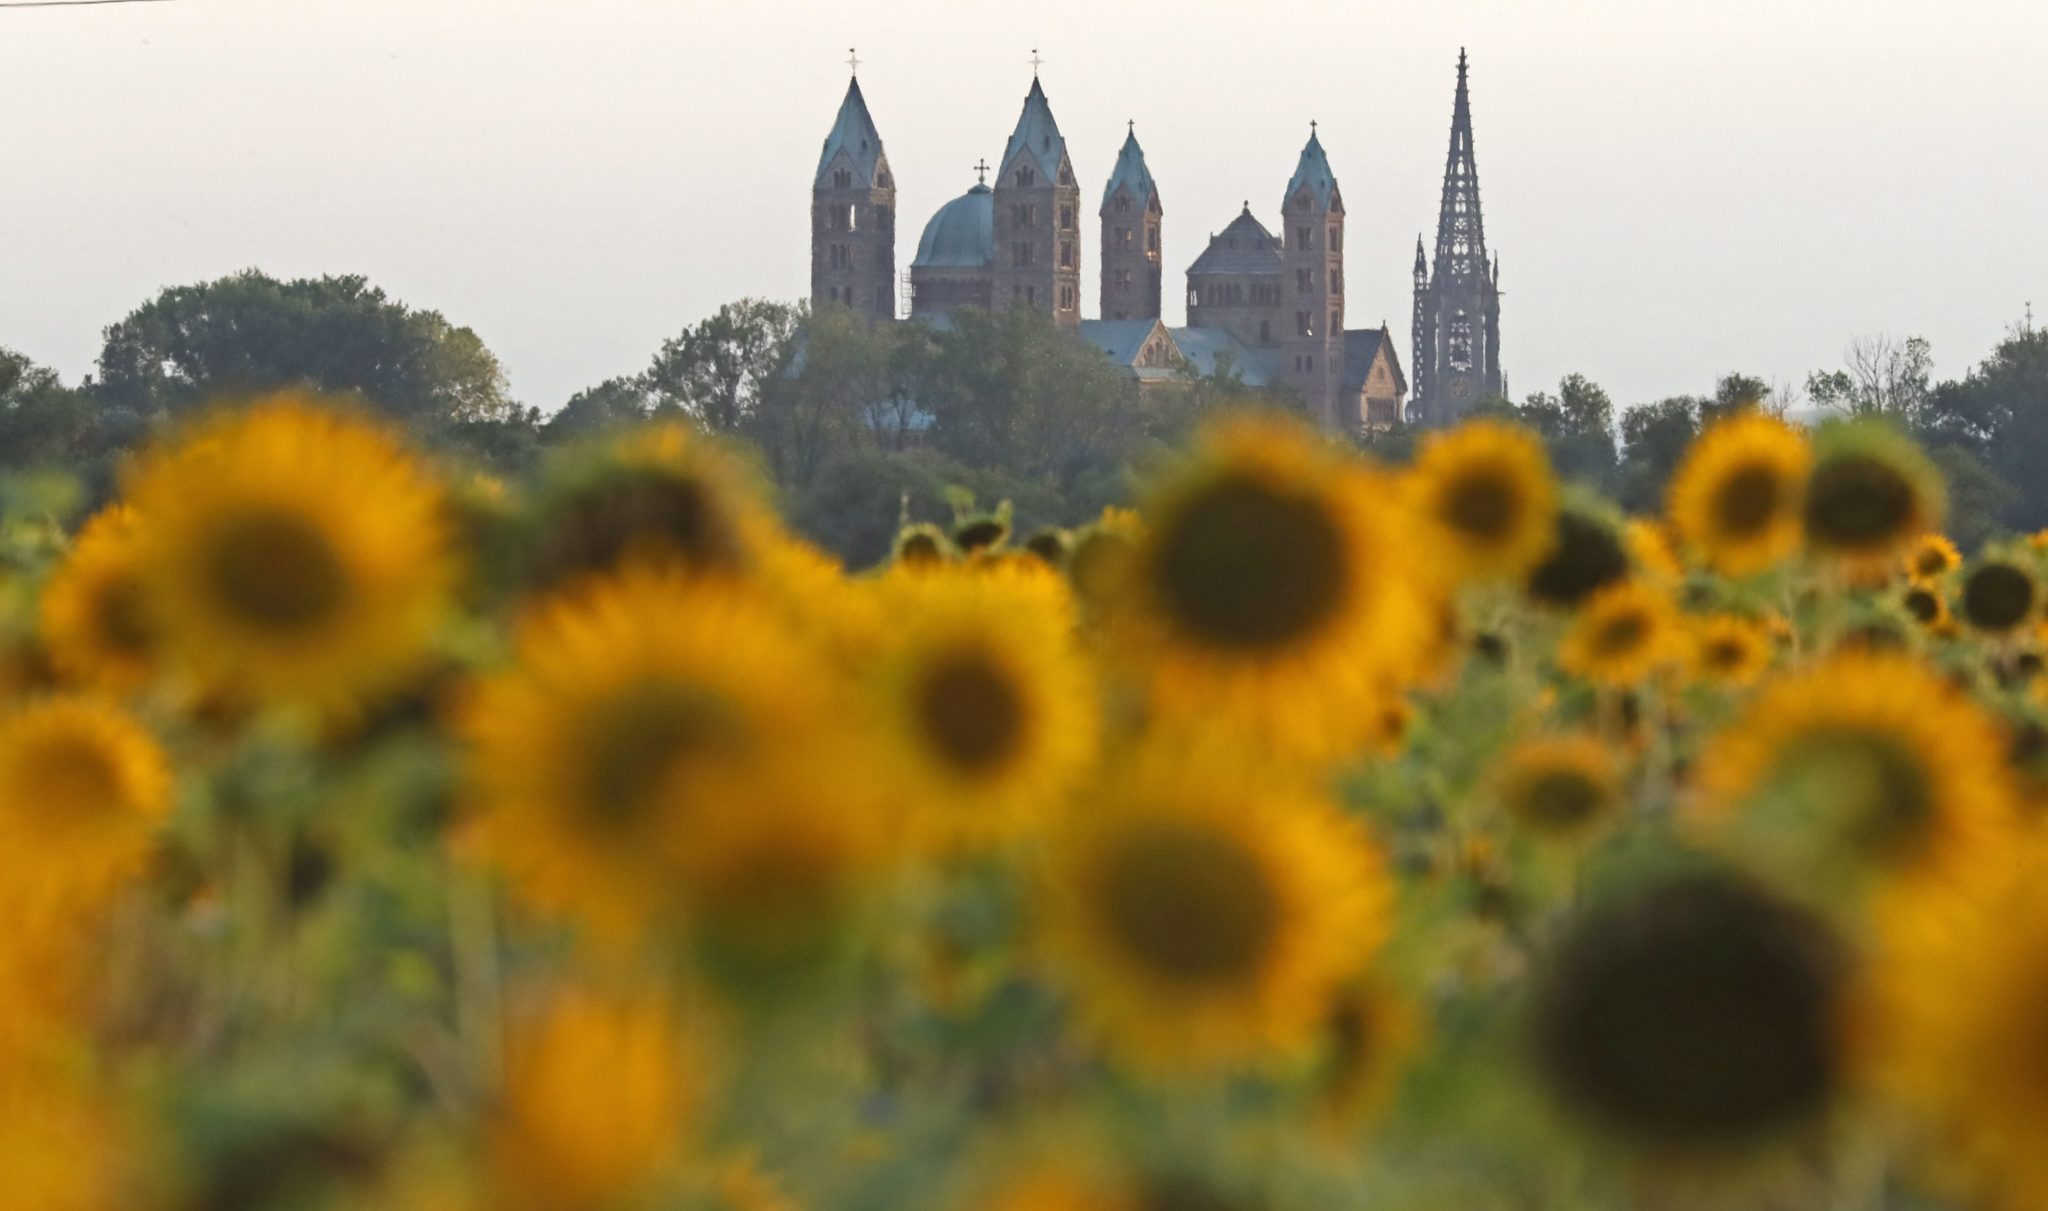 Niemcy, słoneczniki na polu przed katedrą w Spirze. Bazylika katedralna Wniebowzięcia Najświętszej Marii Panny i Św. Szczepana w Spirze (w Nadrenii-Palatynacie) to kościół katedralny z XI/XII wieku, fot. Ronald Wittek, PAP/EPA